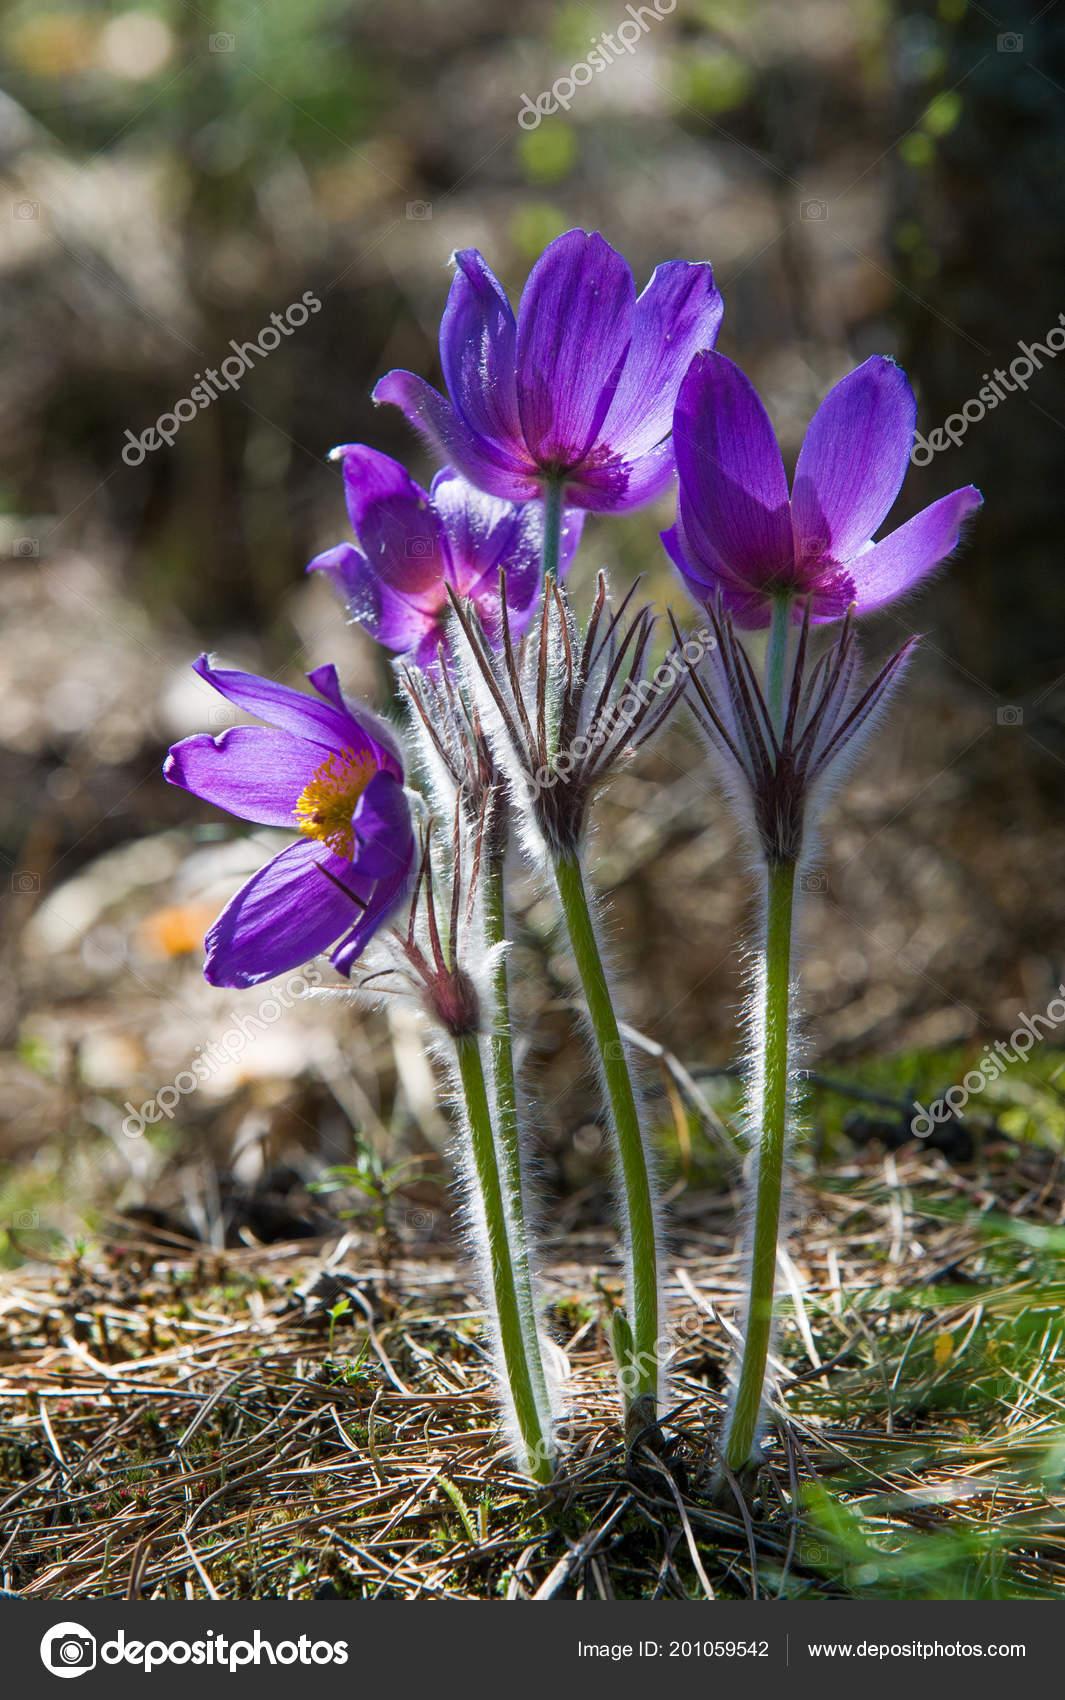 Wiosenny Krajobraz Kwiaty Rosnące środowisku Naturalnym Wiosna Kwiat